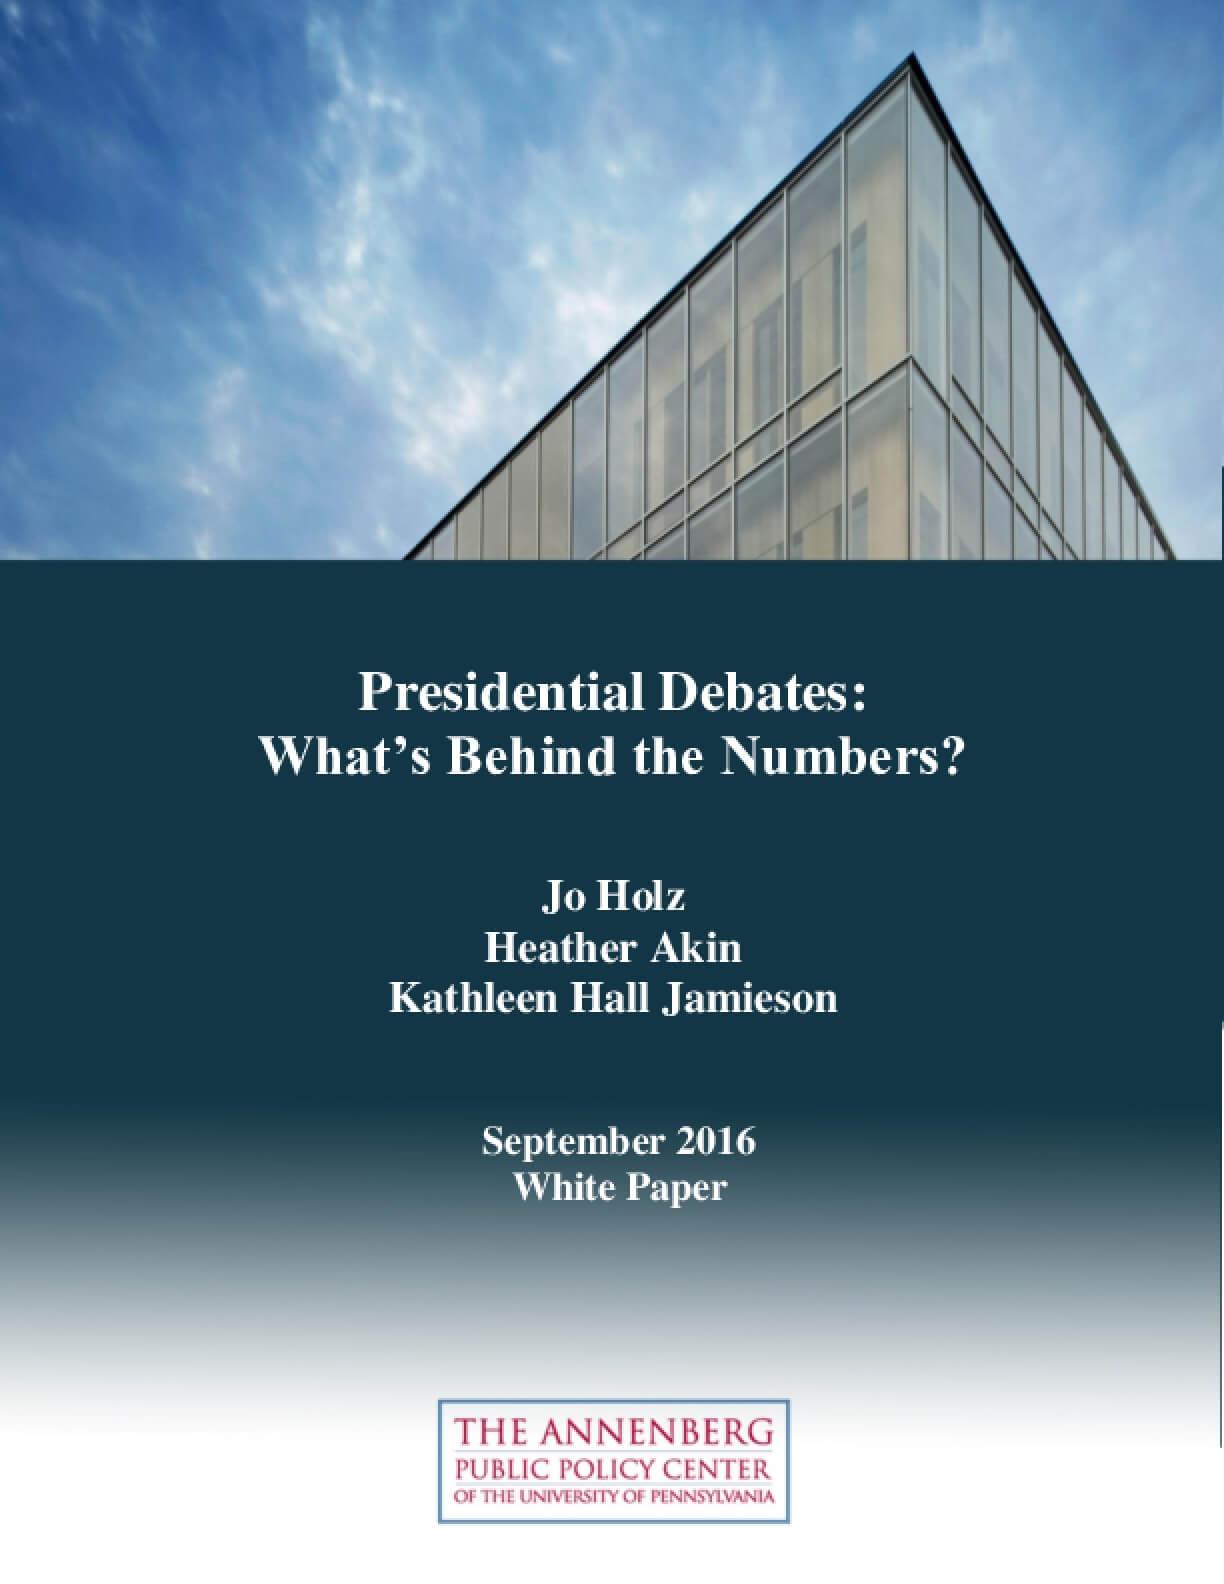 Presidential Debates: What's Behind the Numbers?